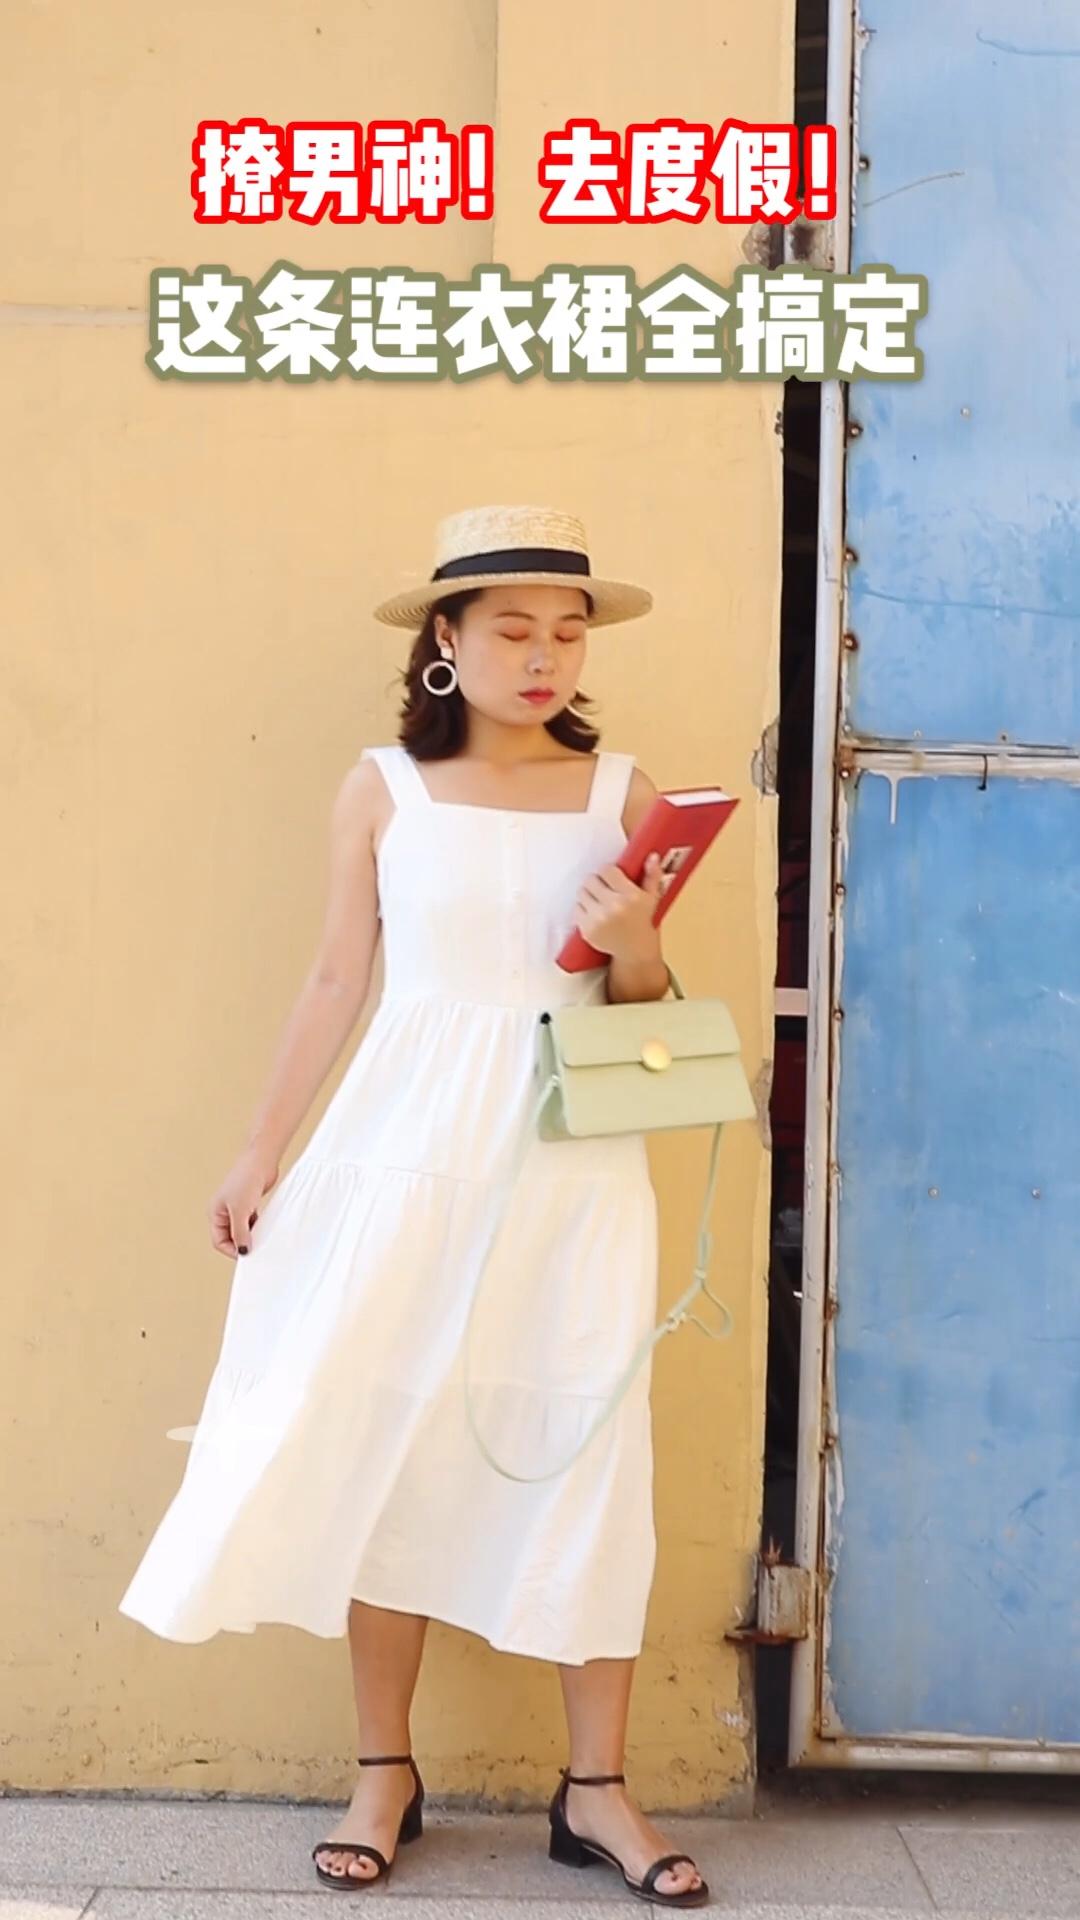 #夏日露肌图鉴,撩人于无形#   6⃣️🈷️搭配心得: 六月对很多宝宝来说都是度假的好月份  本期推荐的这条连衣裙十分适合穿去度假哦~除此之外,还有很多场合也可以穿它,比如告白男神、日常穿着等。喜欢的妹纸们买起来吧~